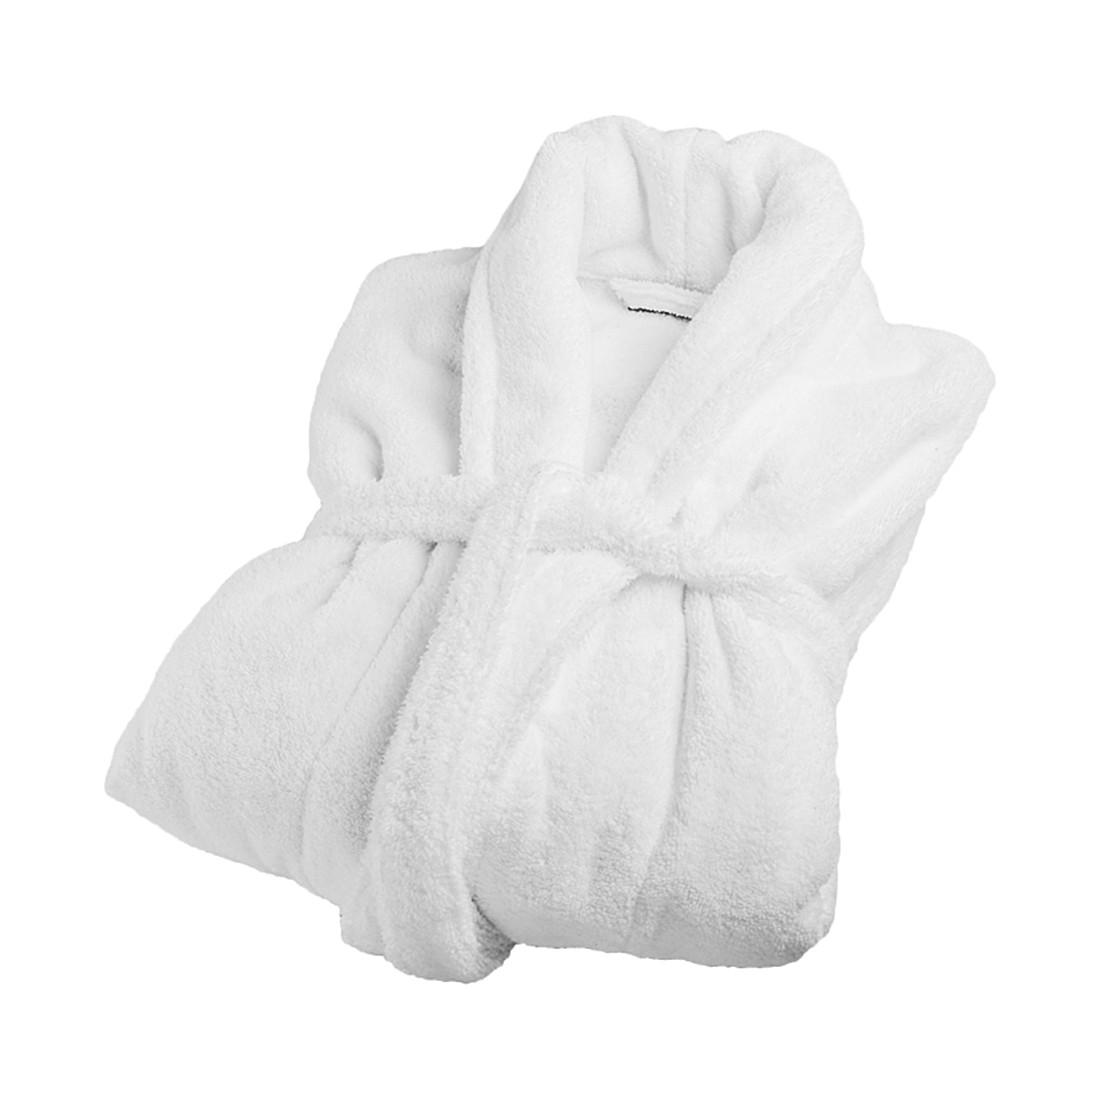 Bademantel FEEL – 100% Baumwolle – Weiß – Größe: M, stilana günstig online kaufen